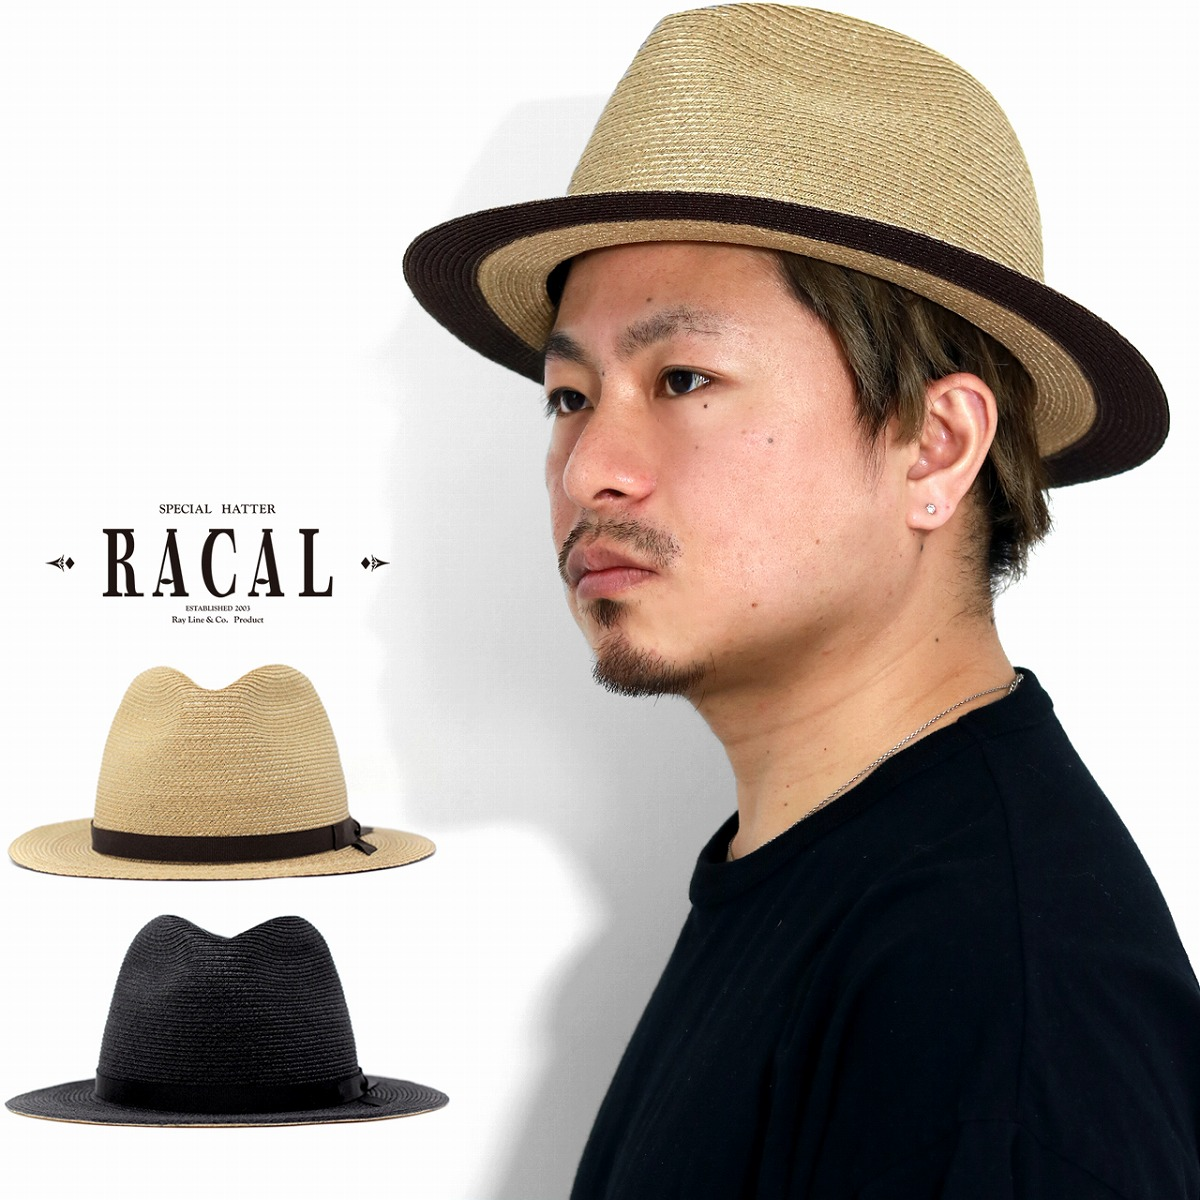 中折れハット メンズ ラカル マニラ麻 racal ハット メンズ 日本製 麦わら帽子 メンズ ストローハット メンズ 麦わらハット ブレードハット 春夏 中折れ型 10代 20代 30代 帽子 ブランド[ straw hat ][ fedora ]